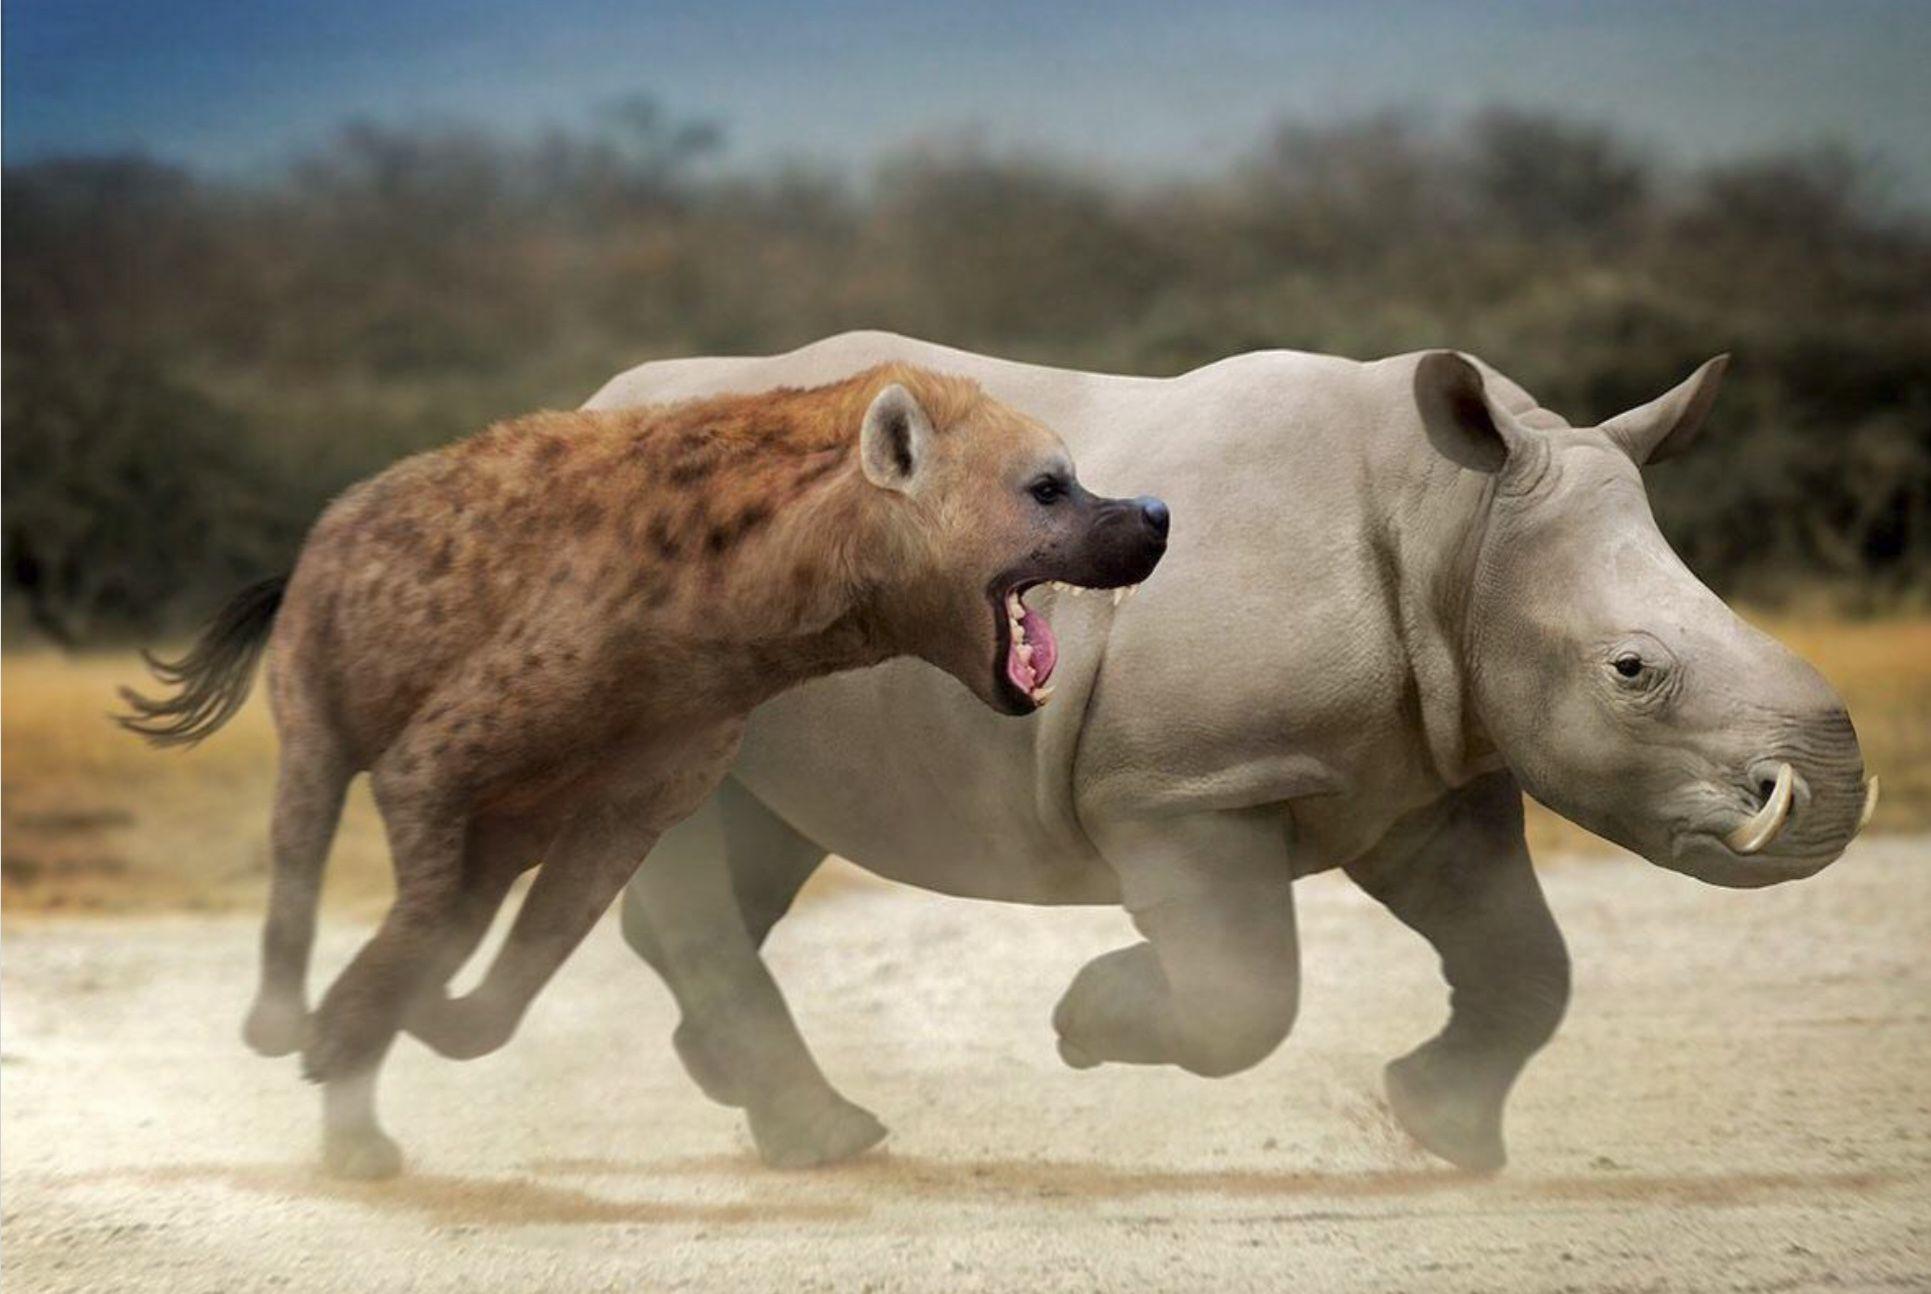 Giant hyena versus tusked rhino Prehistoric animals